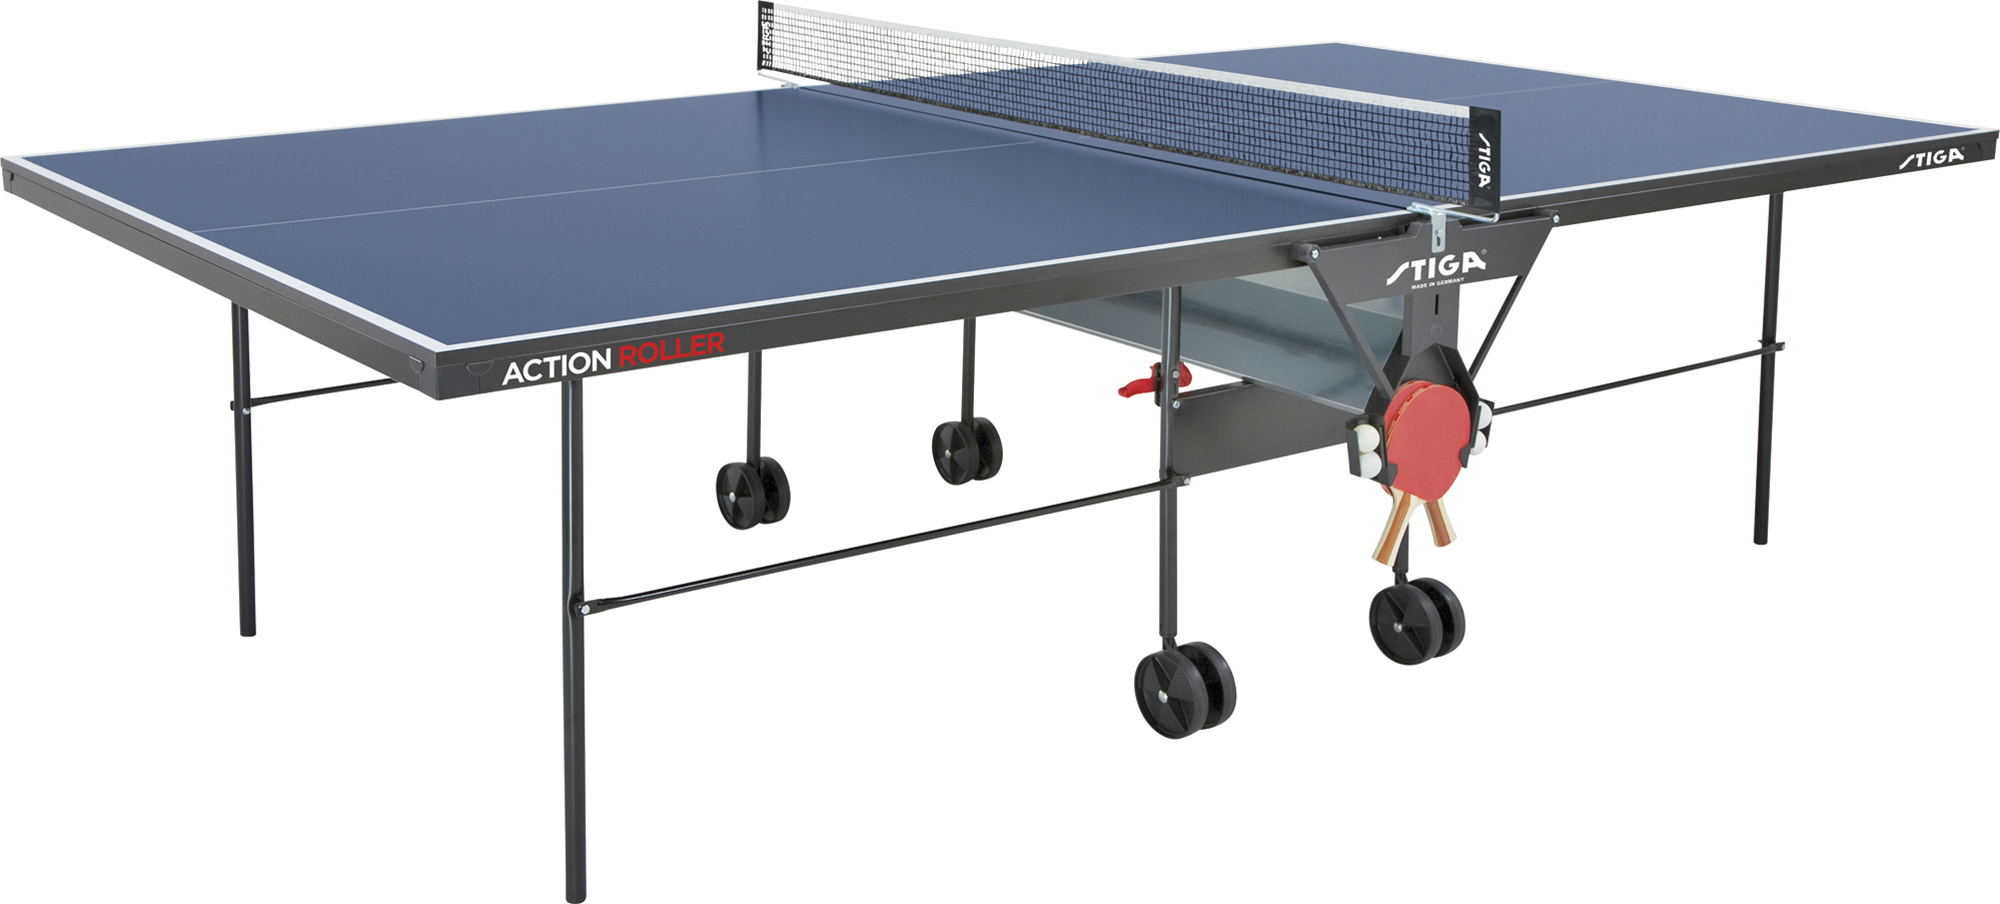 Stiga Теннисный стол для помещений Action Roller